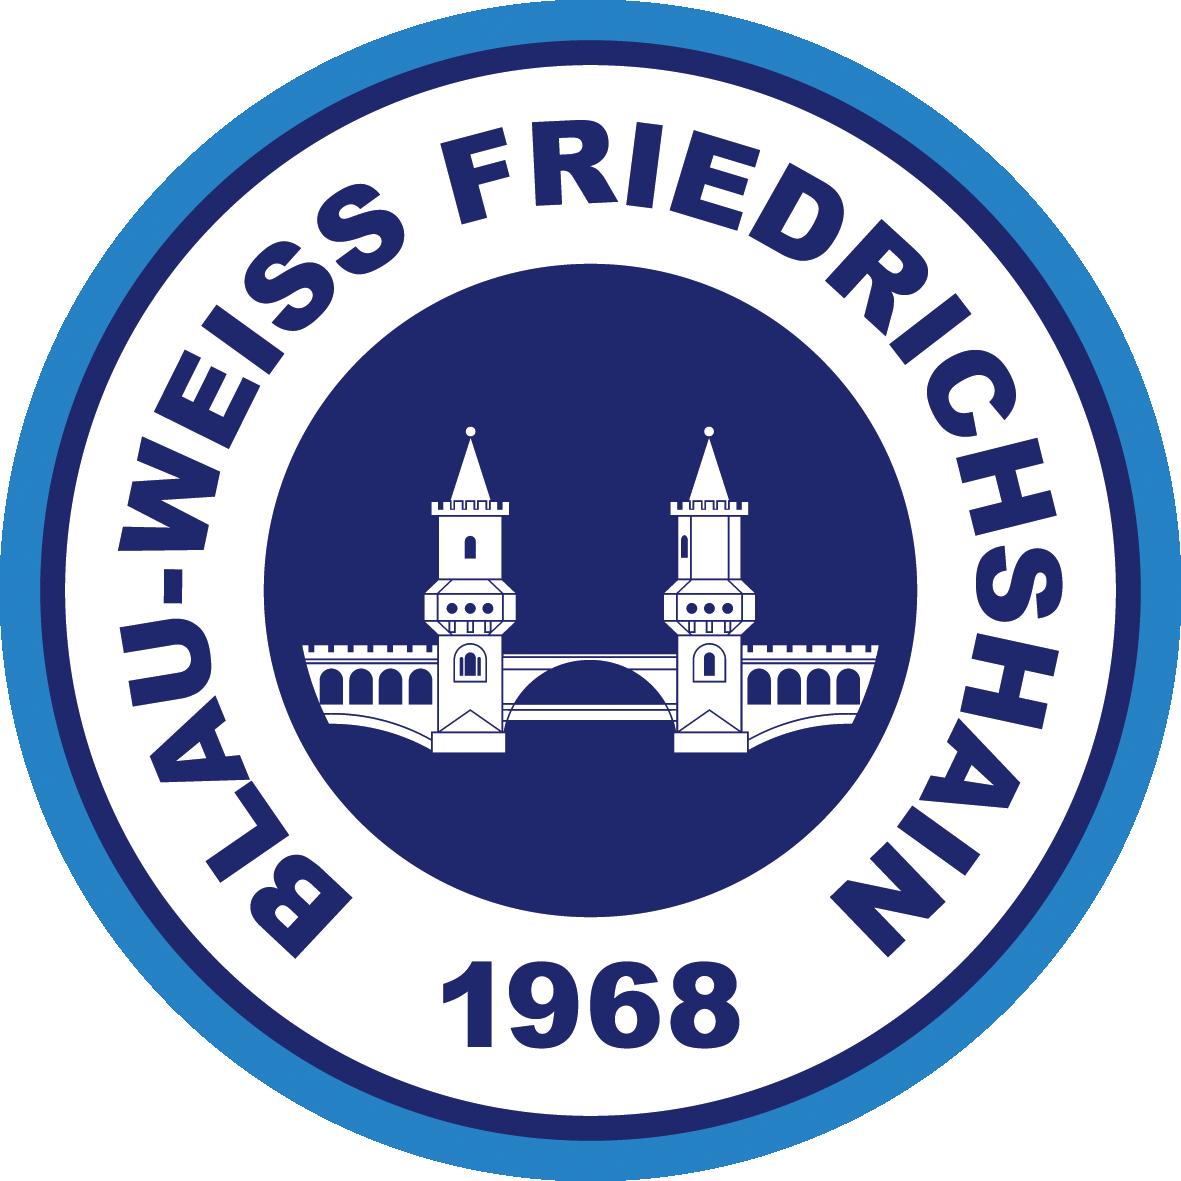 Bw Friedrichshain